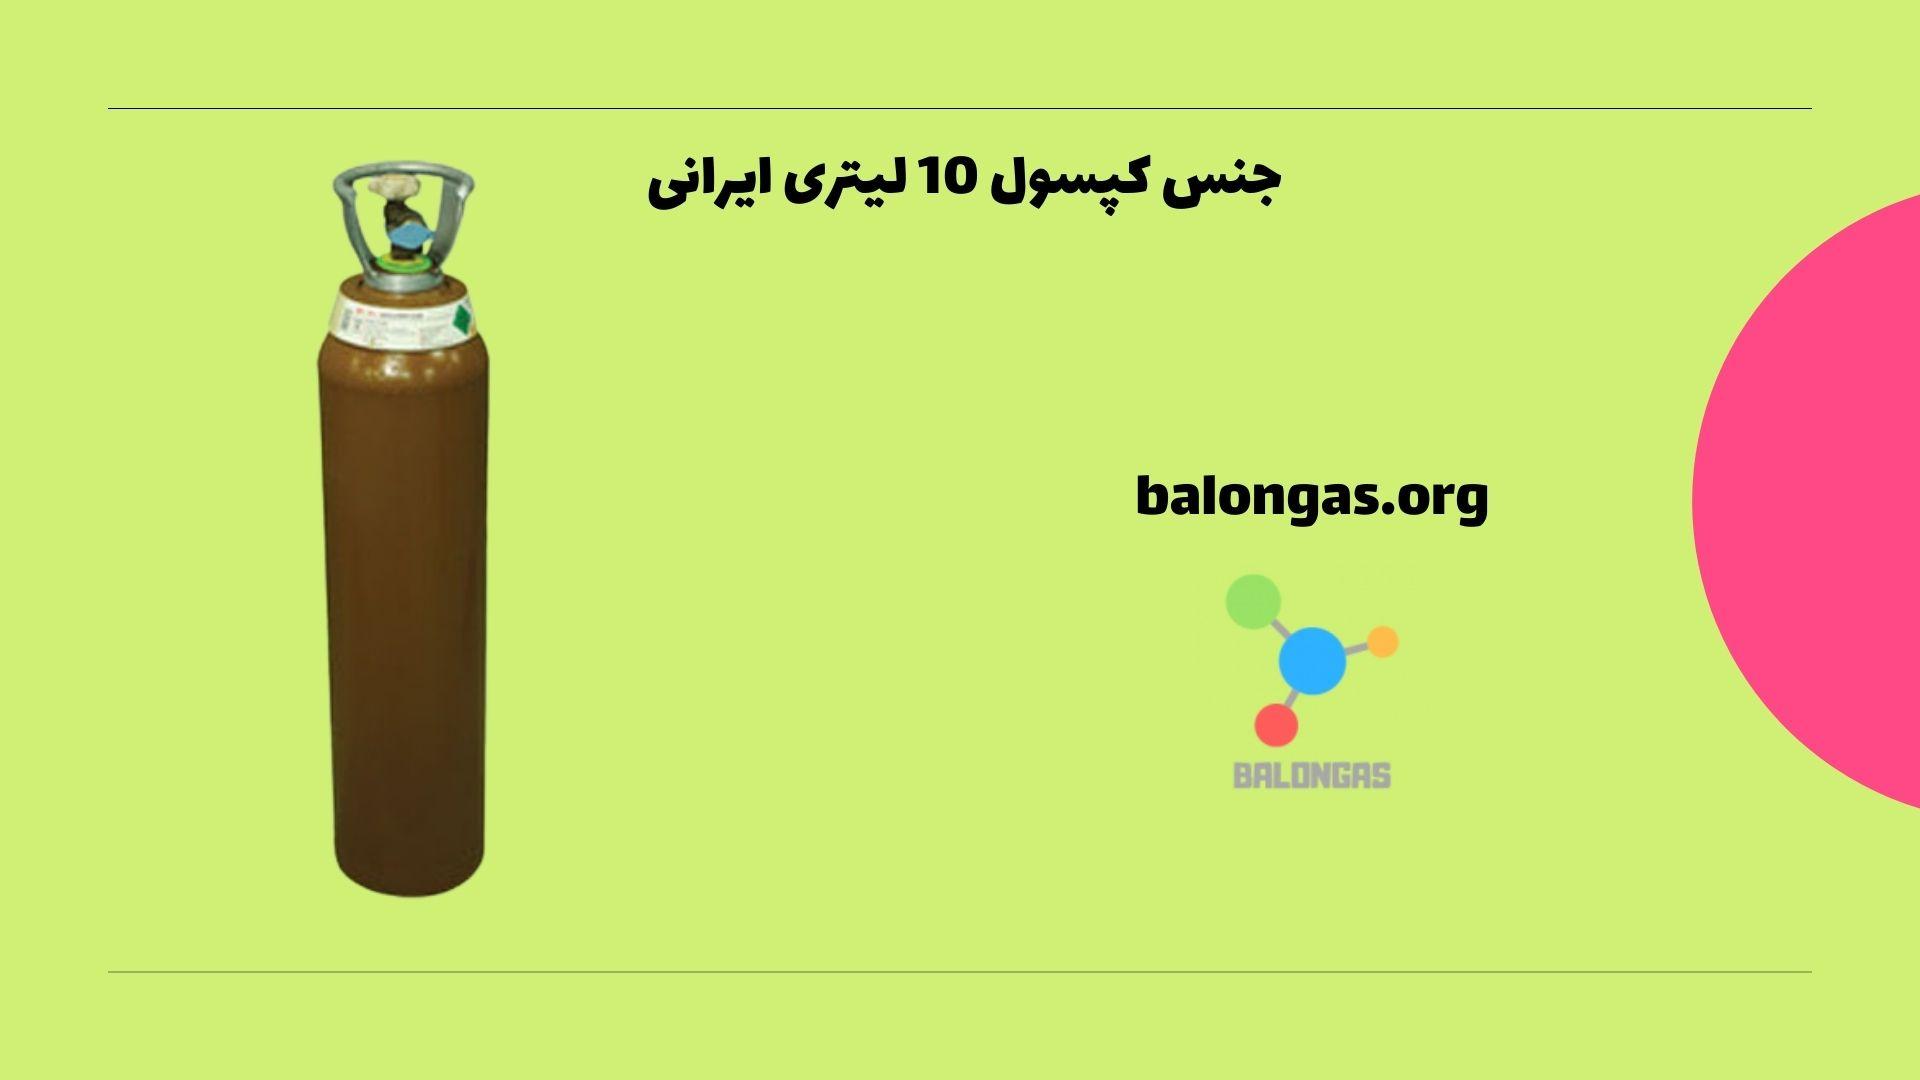 جنس کپسول 10 لیتری ایرانی